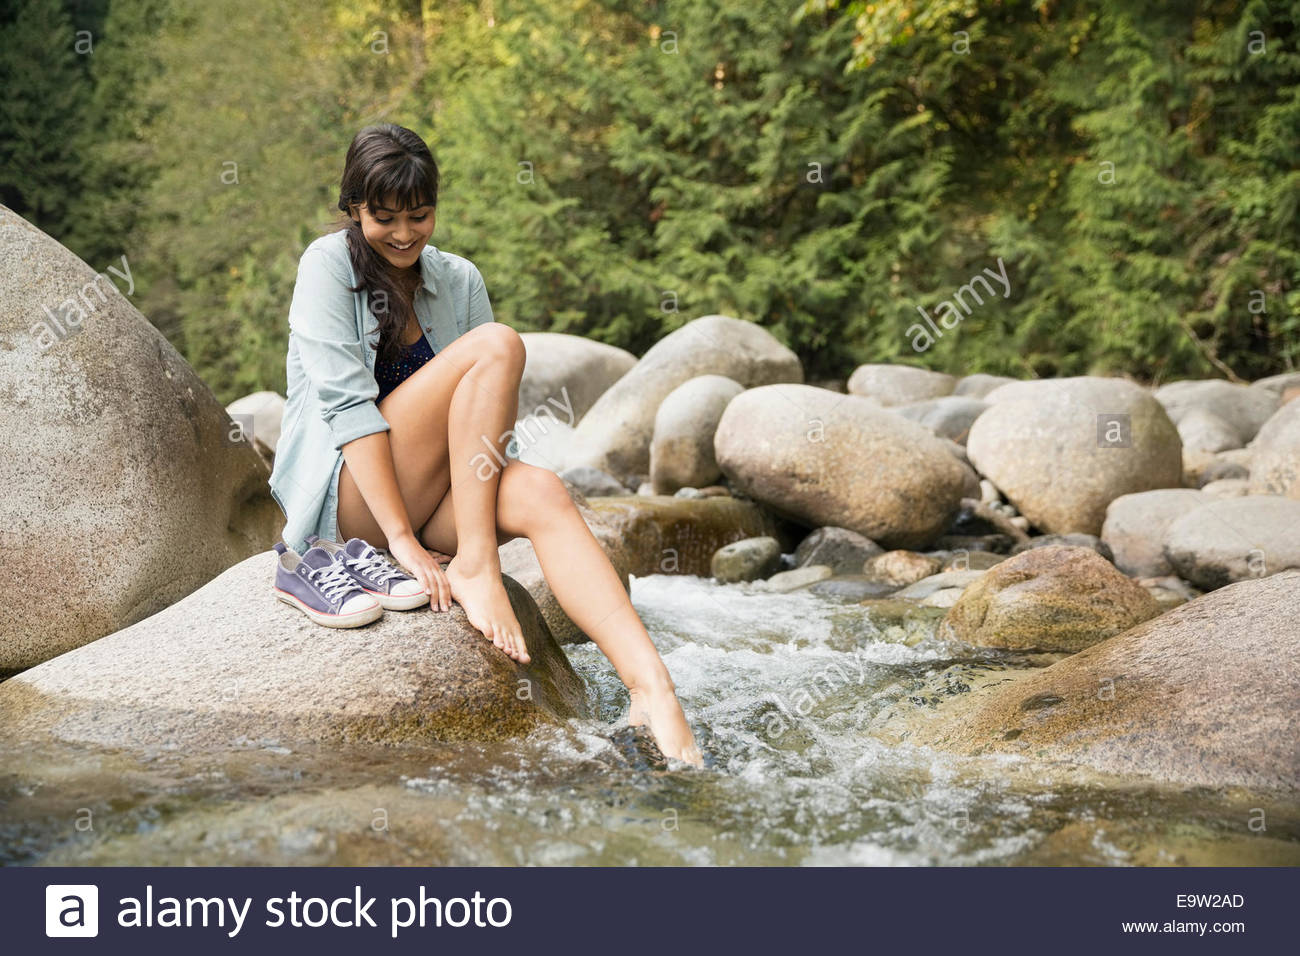 Pieds de pendage femme Creek dans les bois Photo Stock